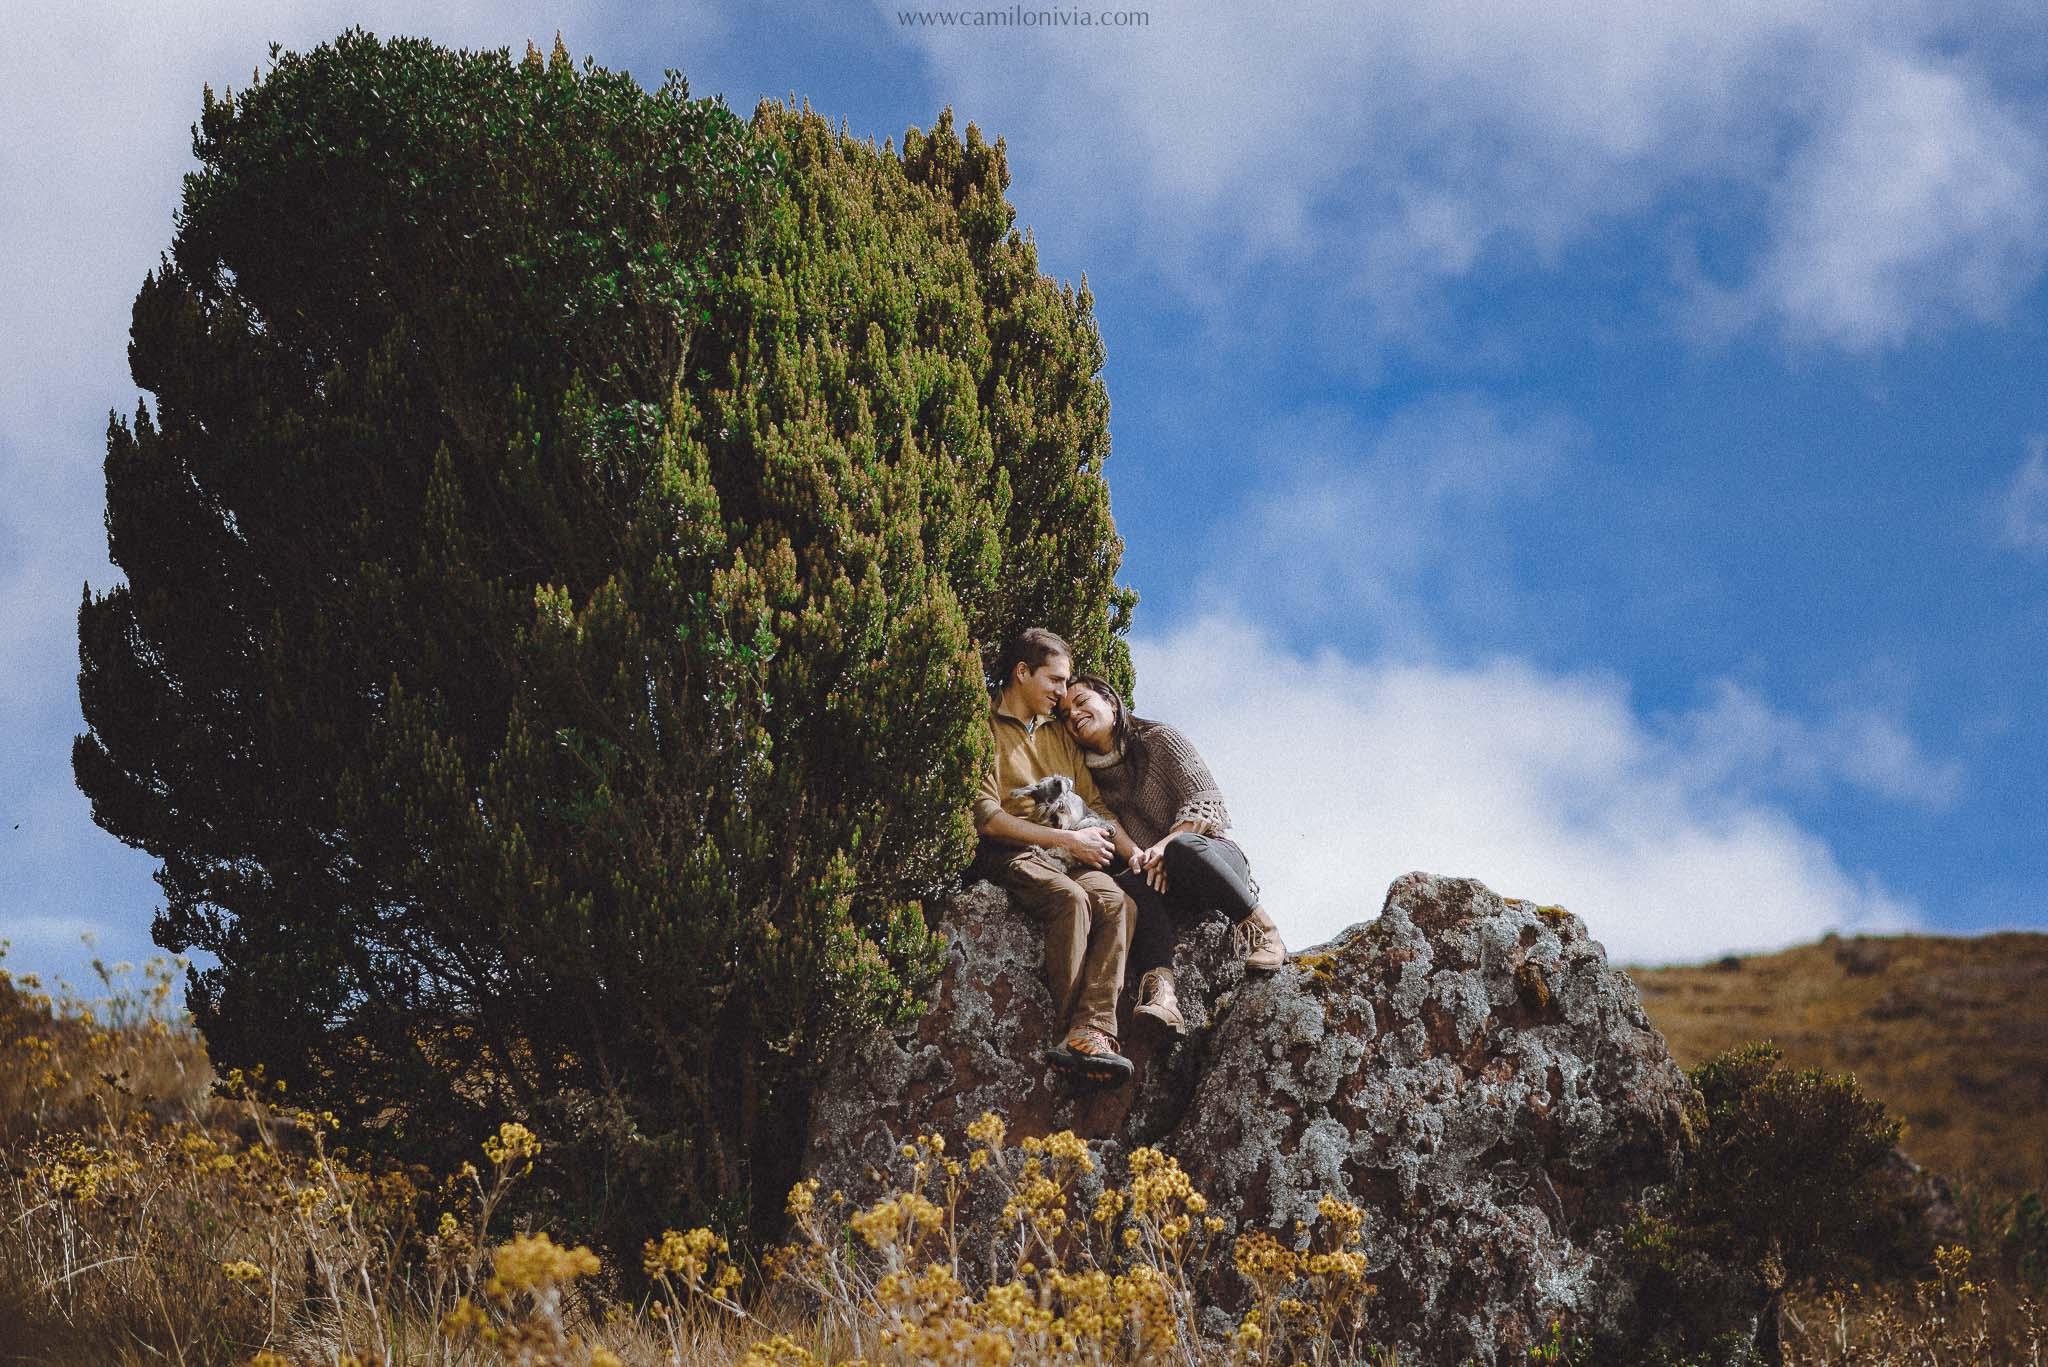 matrimonios en Boyacá, preboda, páramo, laguna, ocetá, casona, salitre, boda, fotógrafo, fotos, aventura, pareja, sesión-14